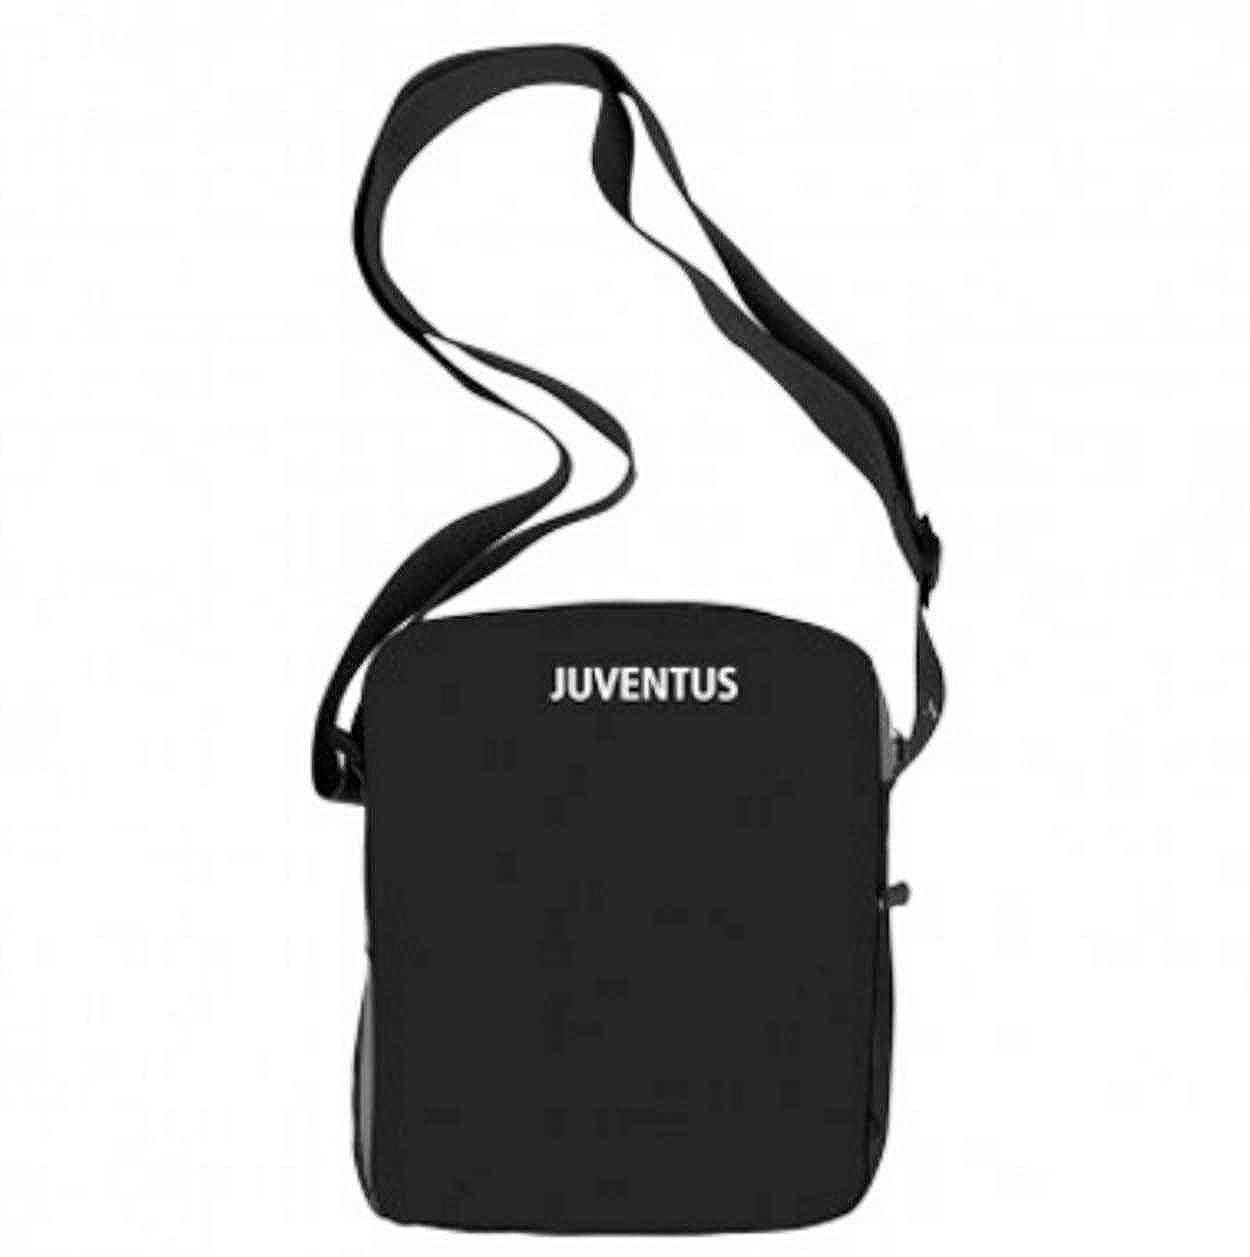 8da51c26b4 FC JUVENTUS ORIGINALE BORSA TRACOLLA TELA 13761: Amazon.it: Abbigliamento